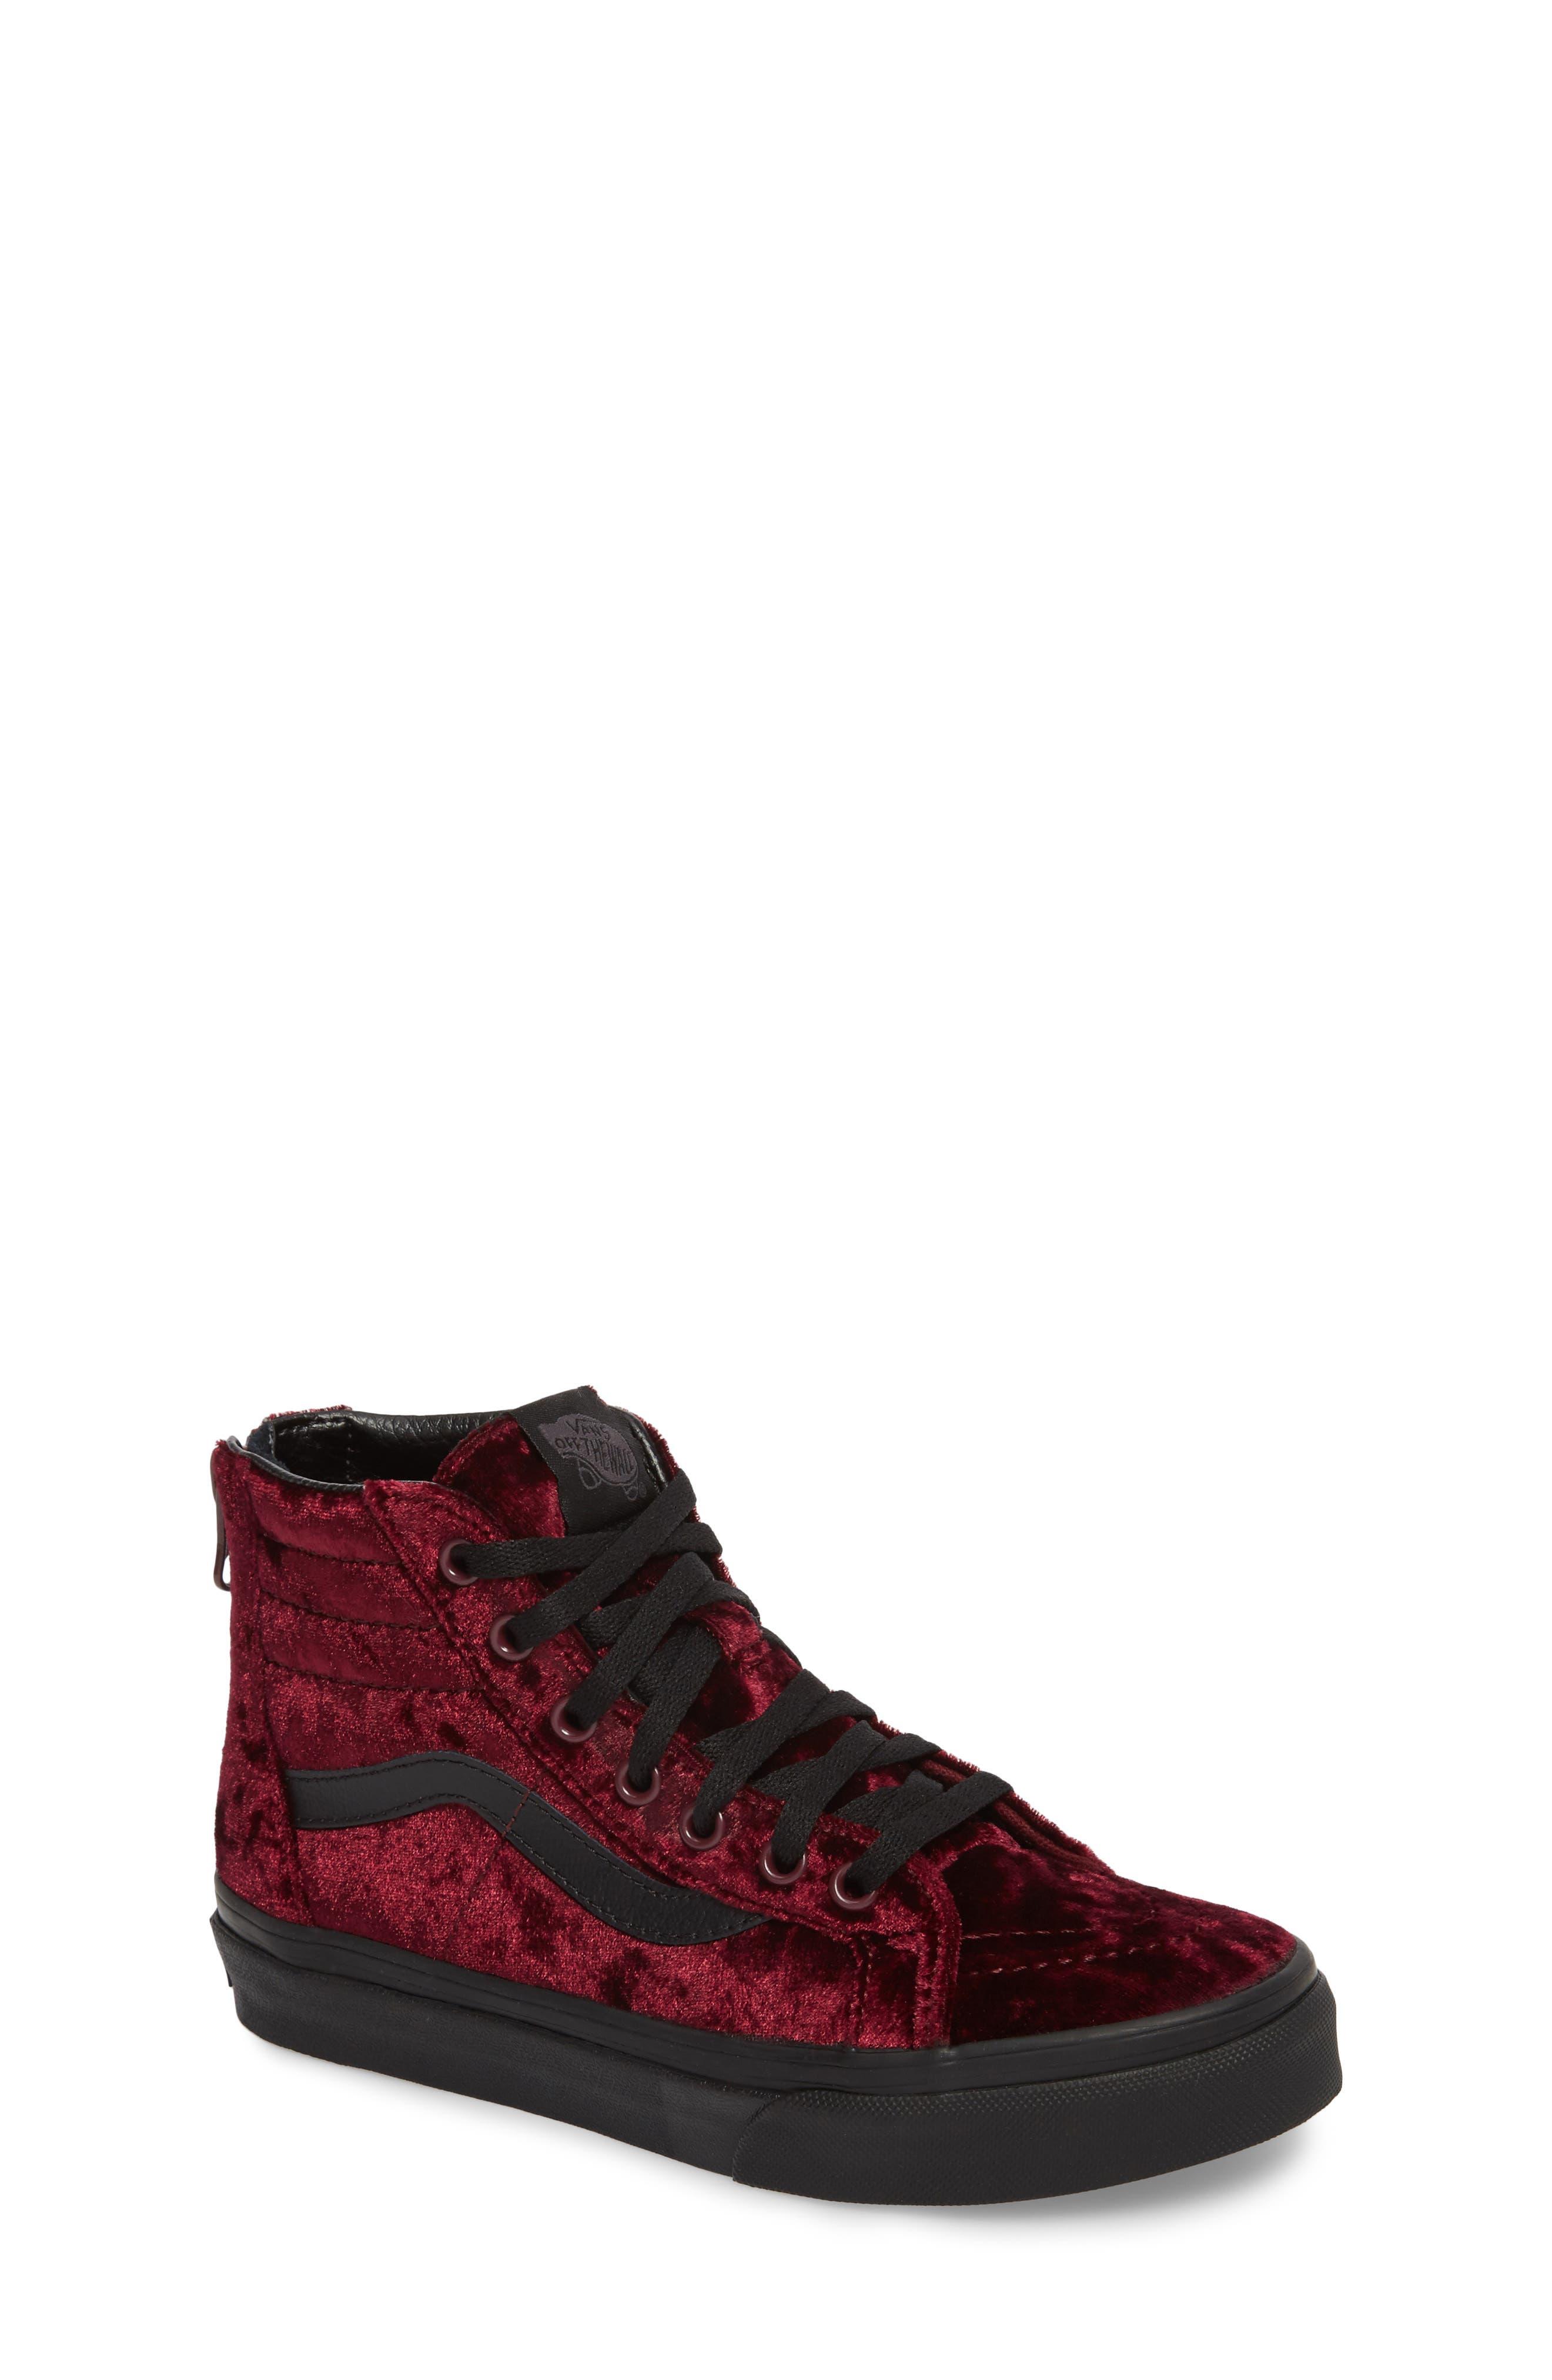 SK8-Hi Zip Sneaker,                             Main thumbnail 3, color,